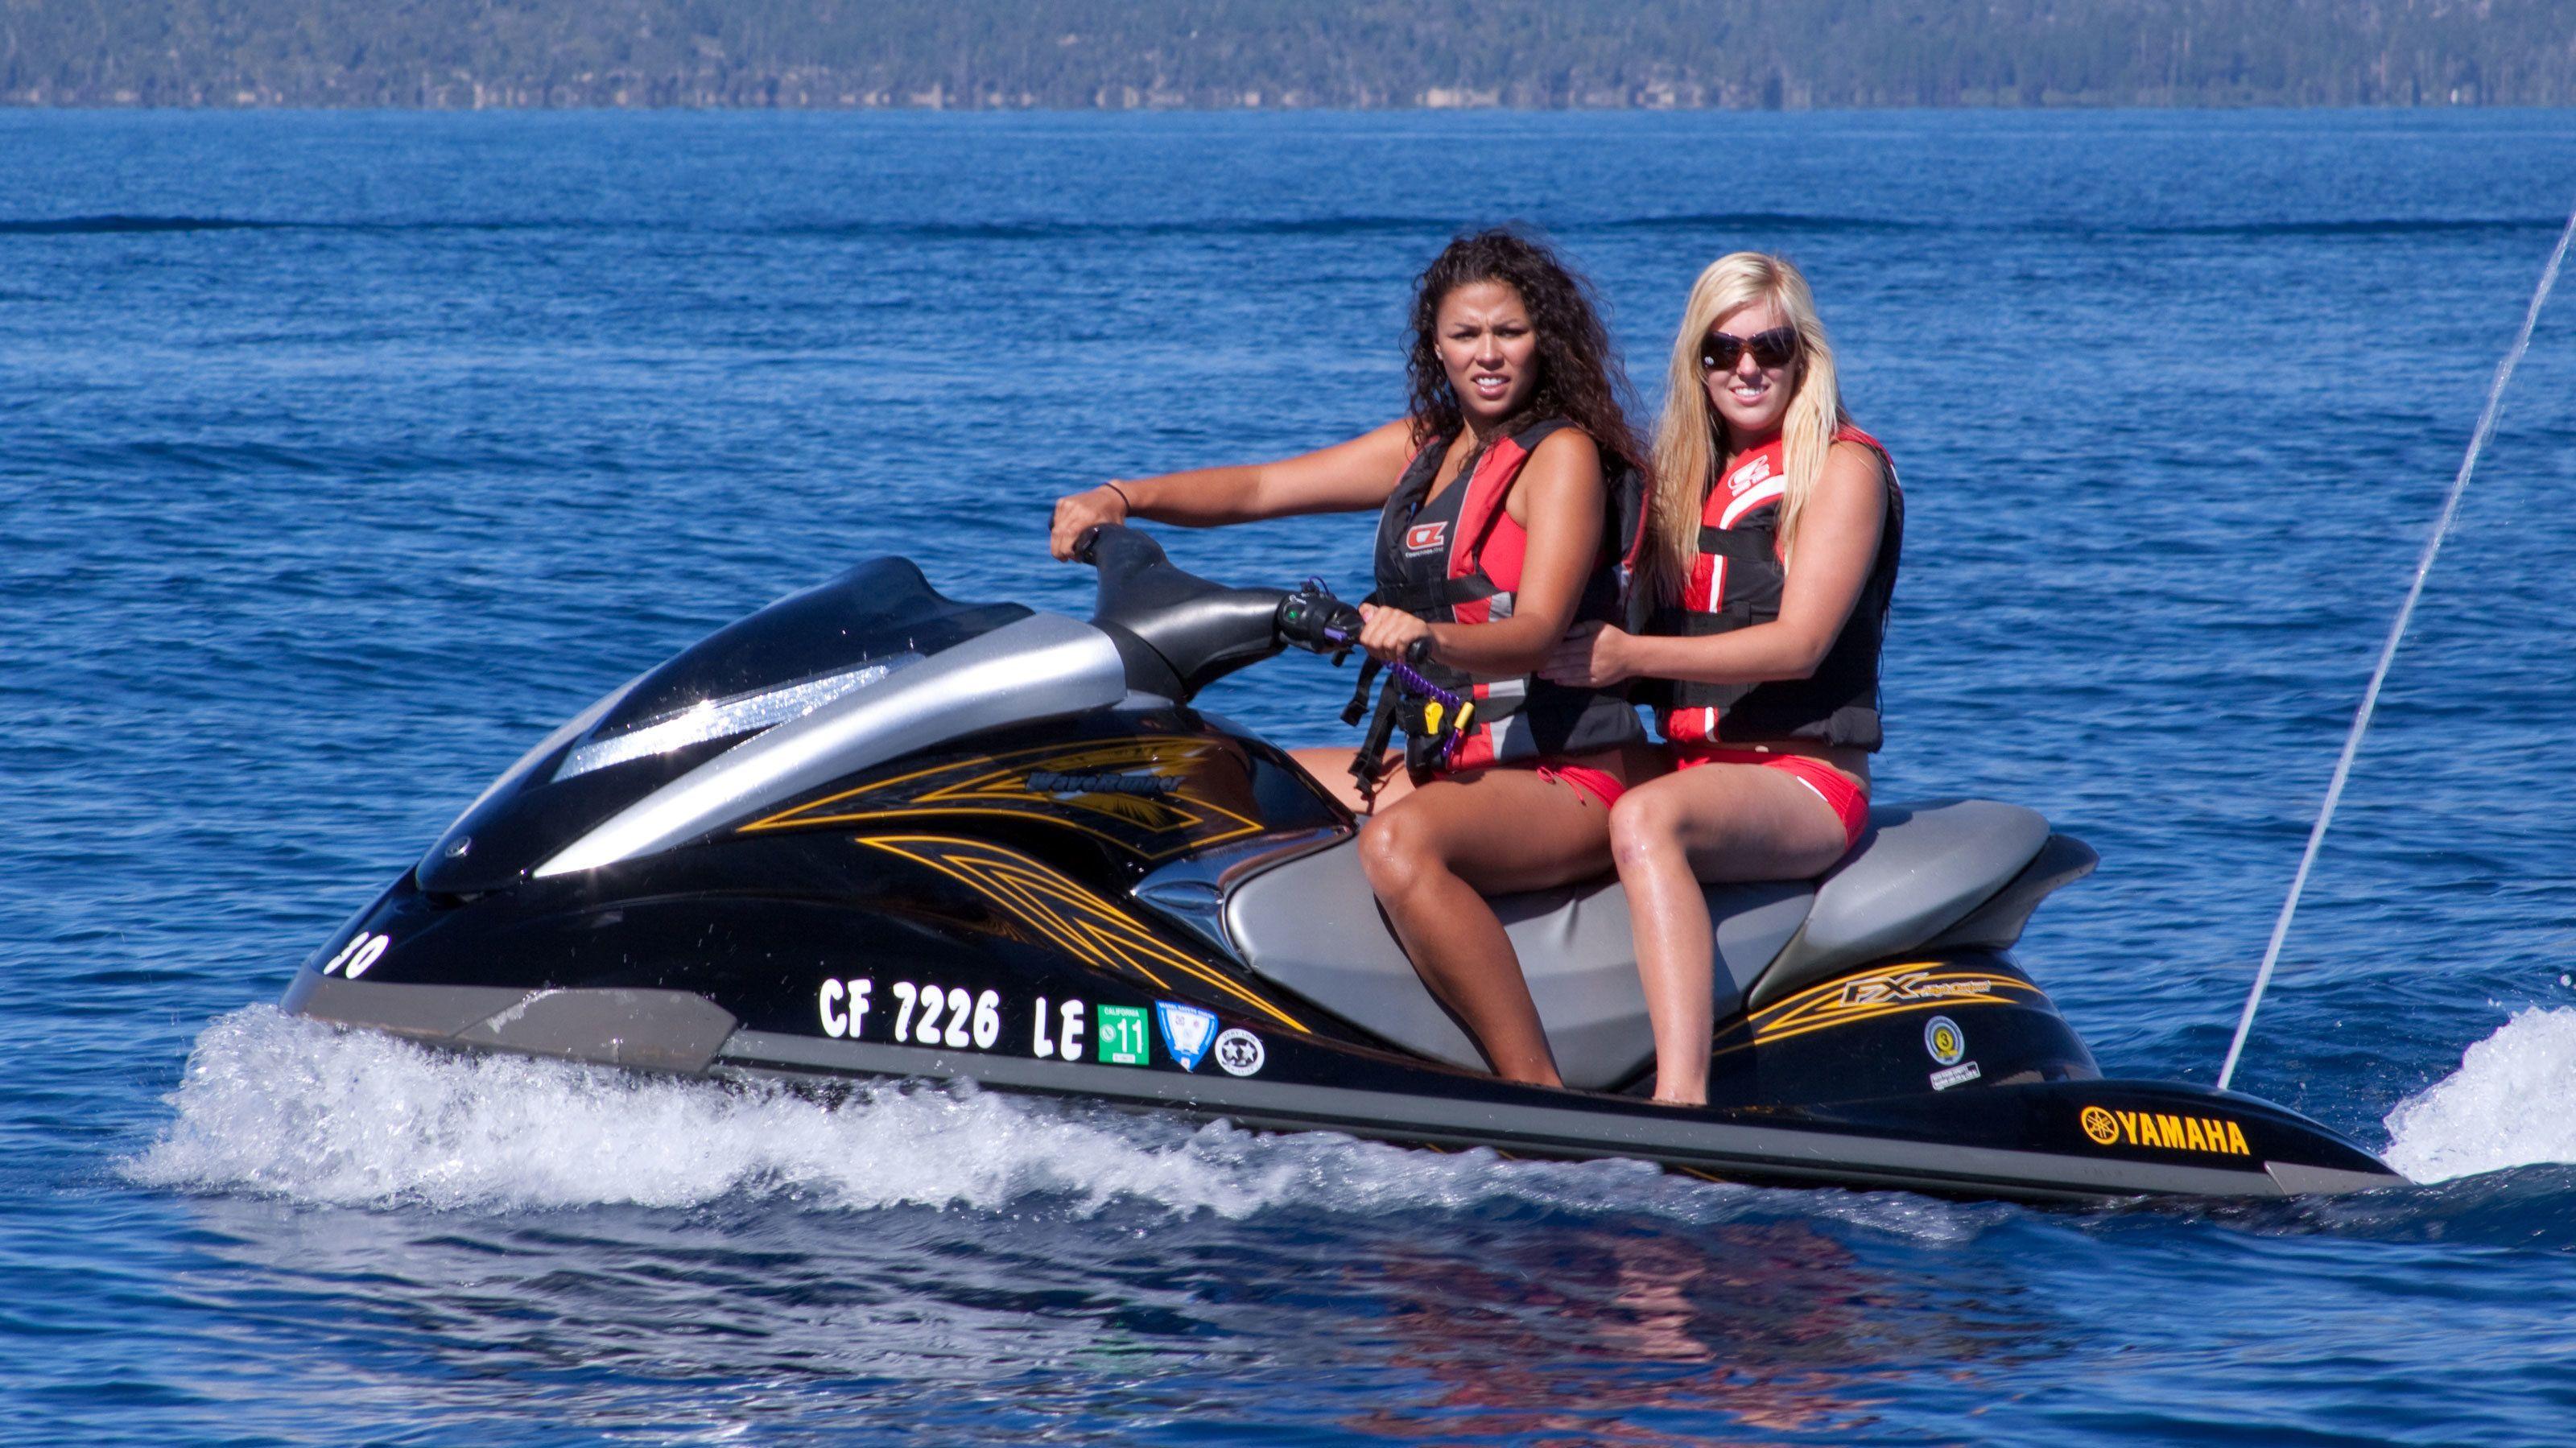 Two women sharing a jet ski in Lake Tahoe